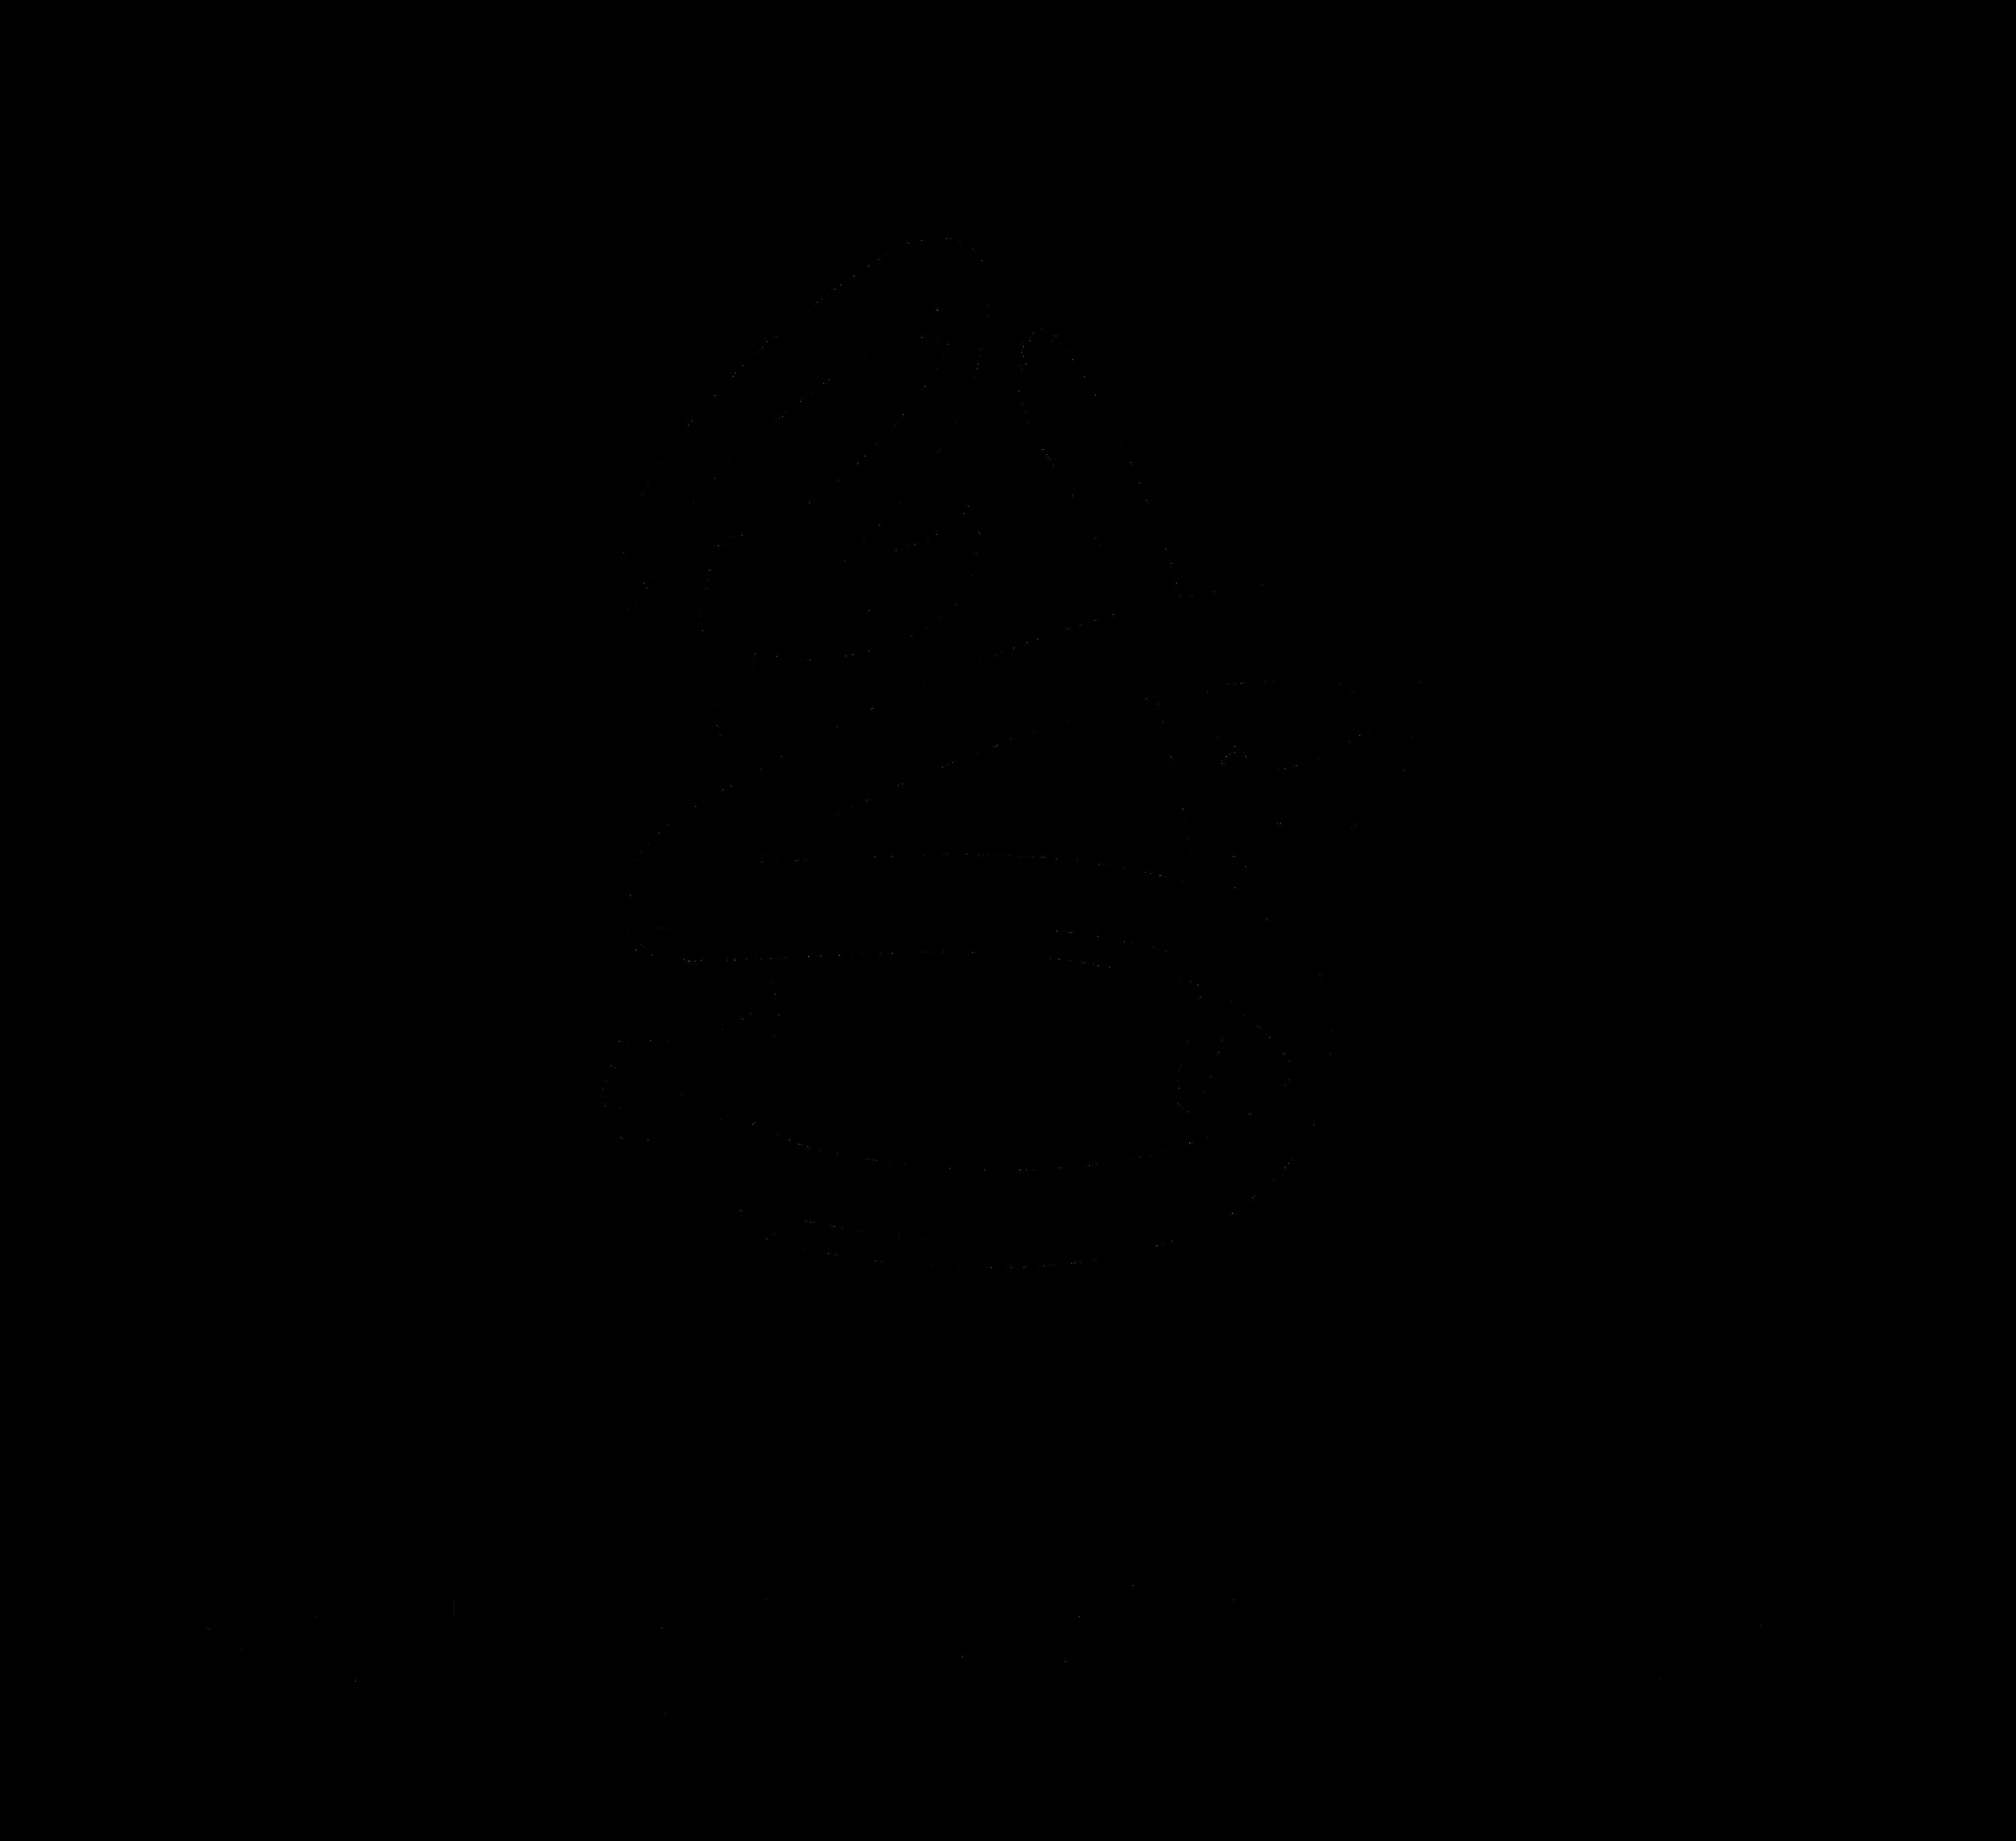 santiago rubio design